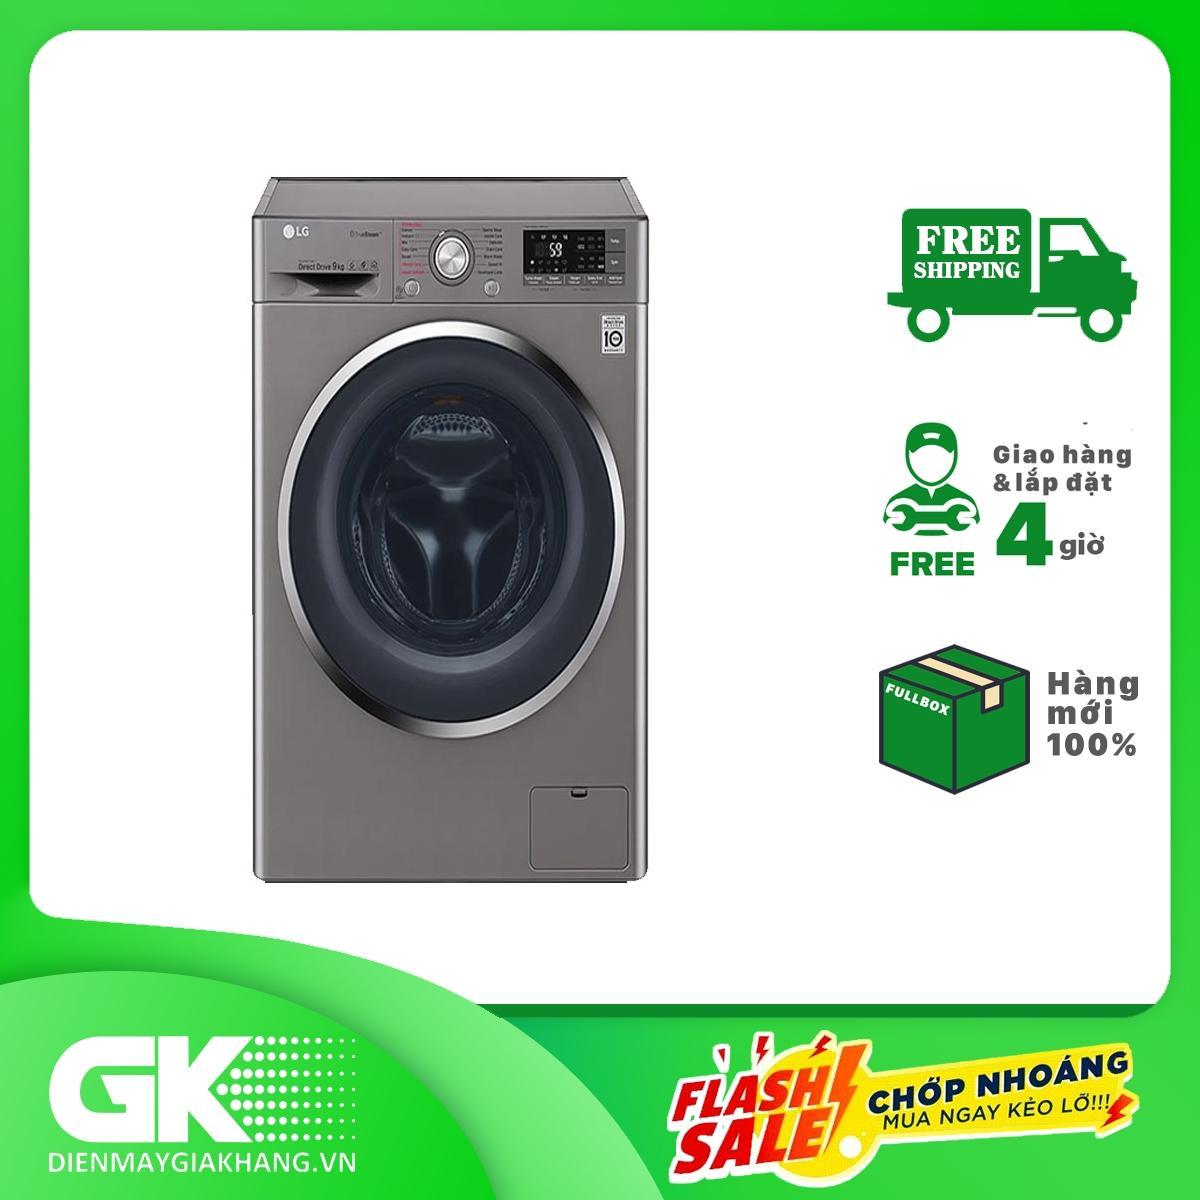 Máy Giặt Cửa Trước Inverter LG FC1409S2E 9kg (Xám)